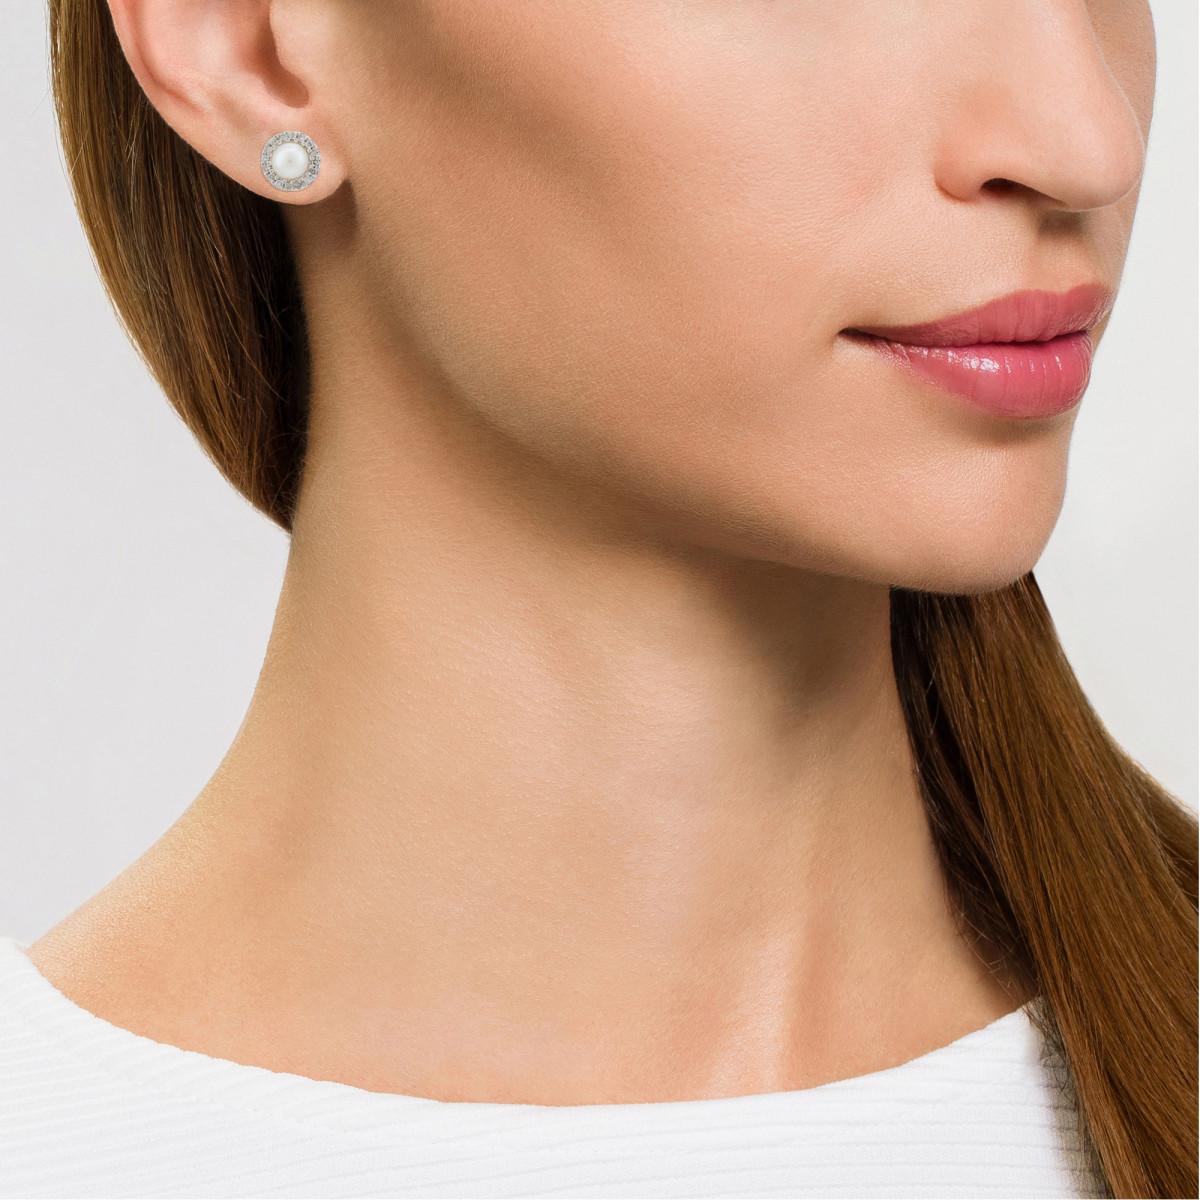 """Boucles d' oreilles Or Blanc, Diamants 0,14 carat et perles de culture blanches """"PERLES ENCHANTÉES"""""""